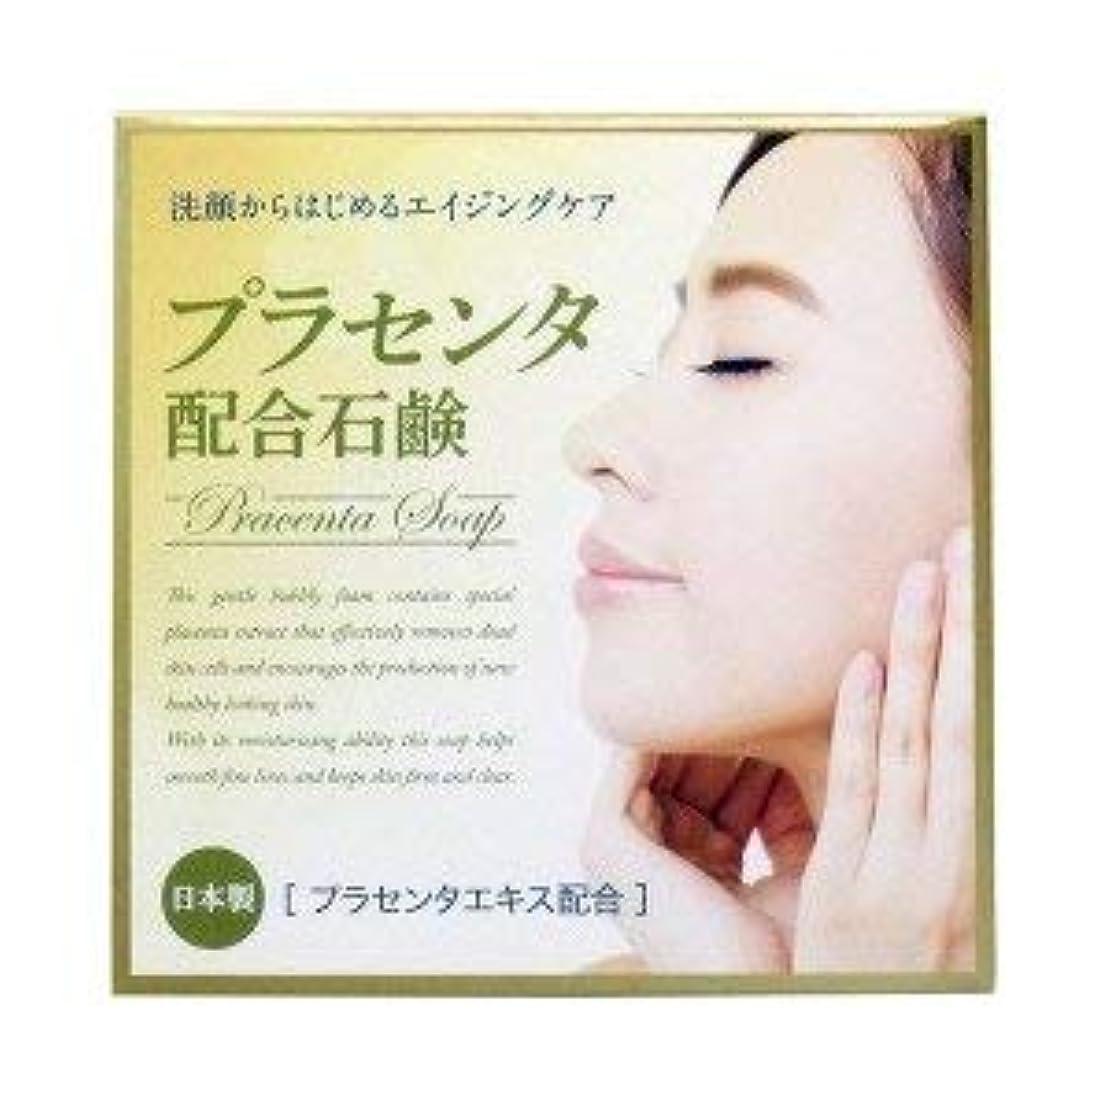 保護する二年生自我プラセンタ配合石鹸 80g×2 2個1セット プラセンタエキス保湿成分配合 日本製